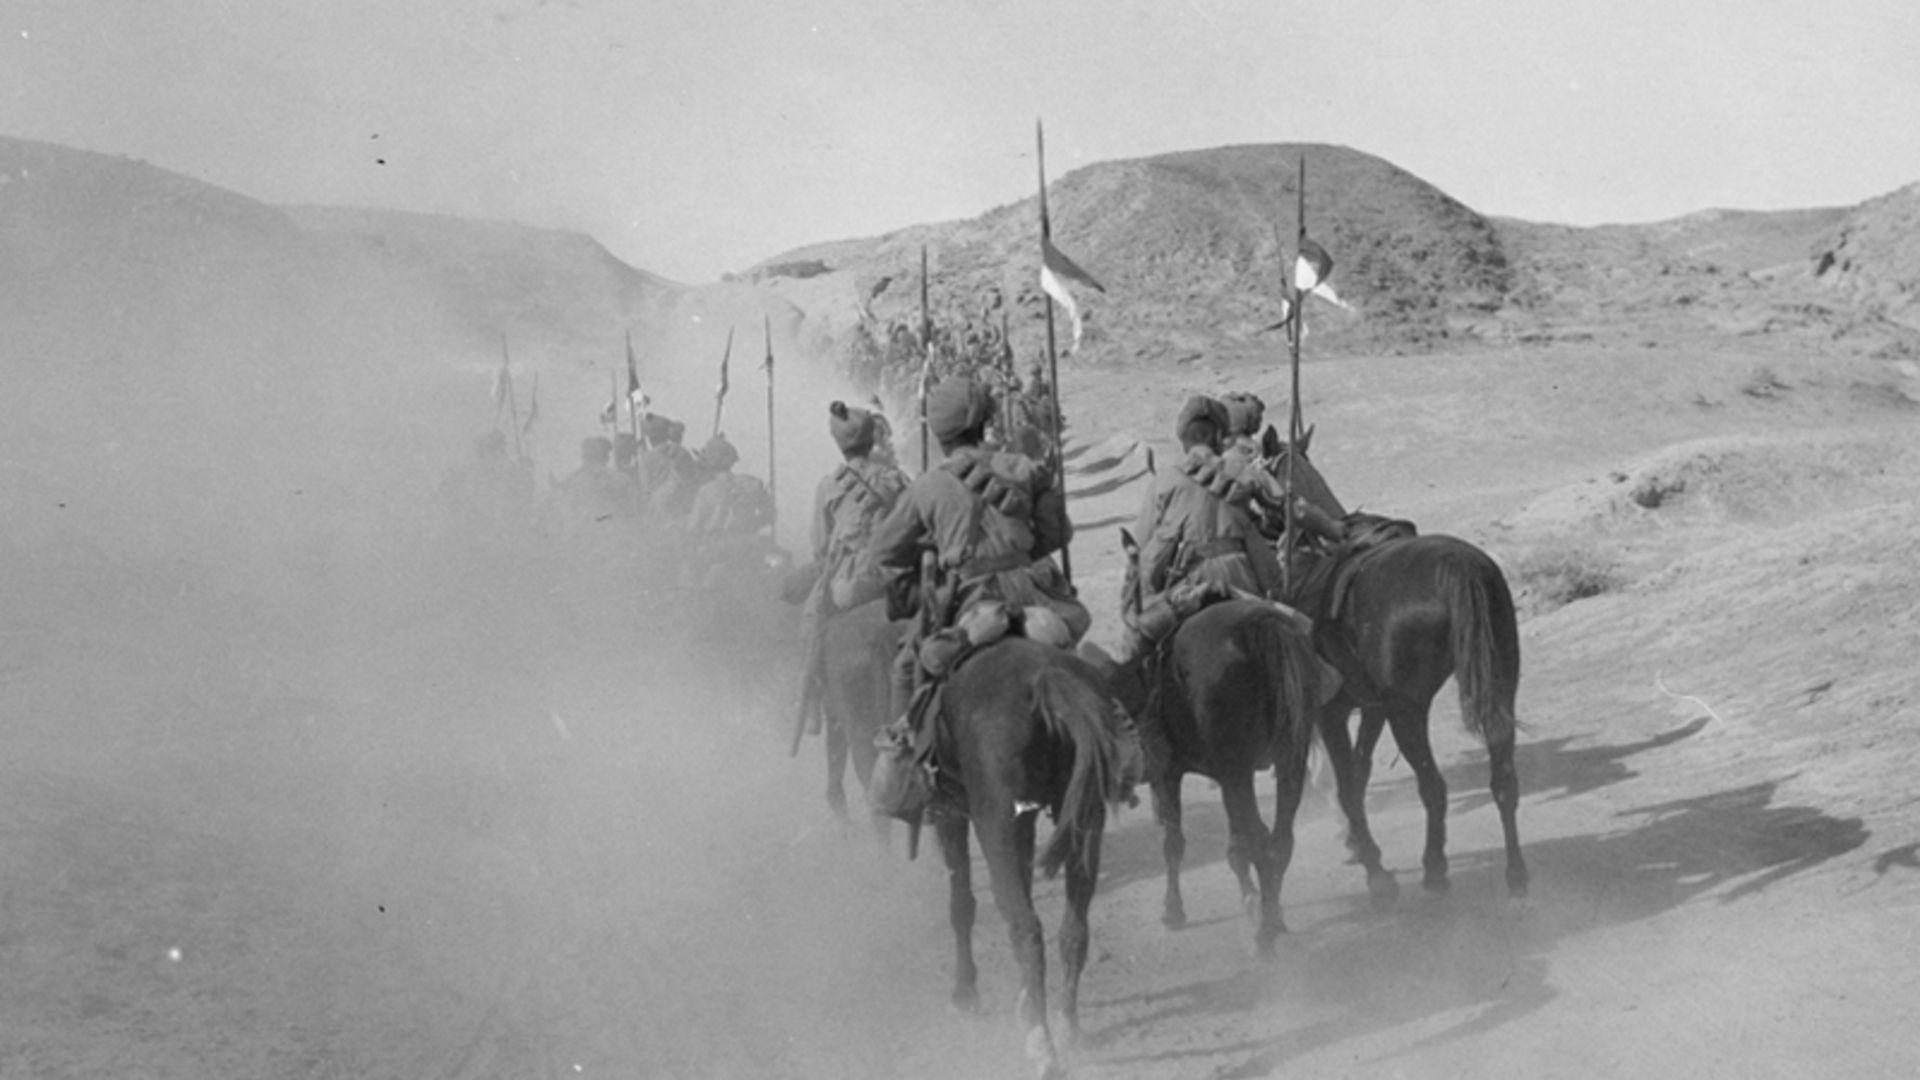 Забытые мусульманские герои, воевавшие в окопах Первой Мировой за Европу (Часть 1) + ВИДЕО